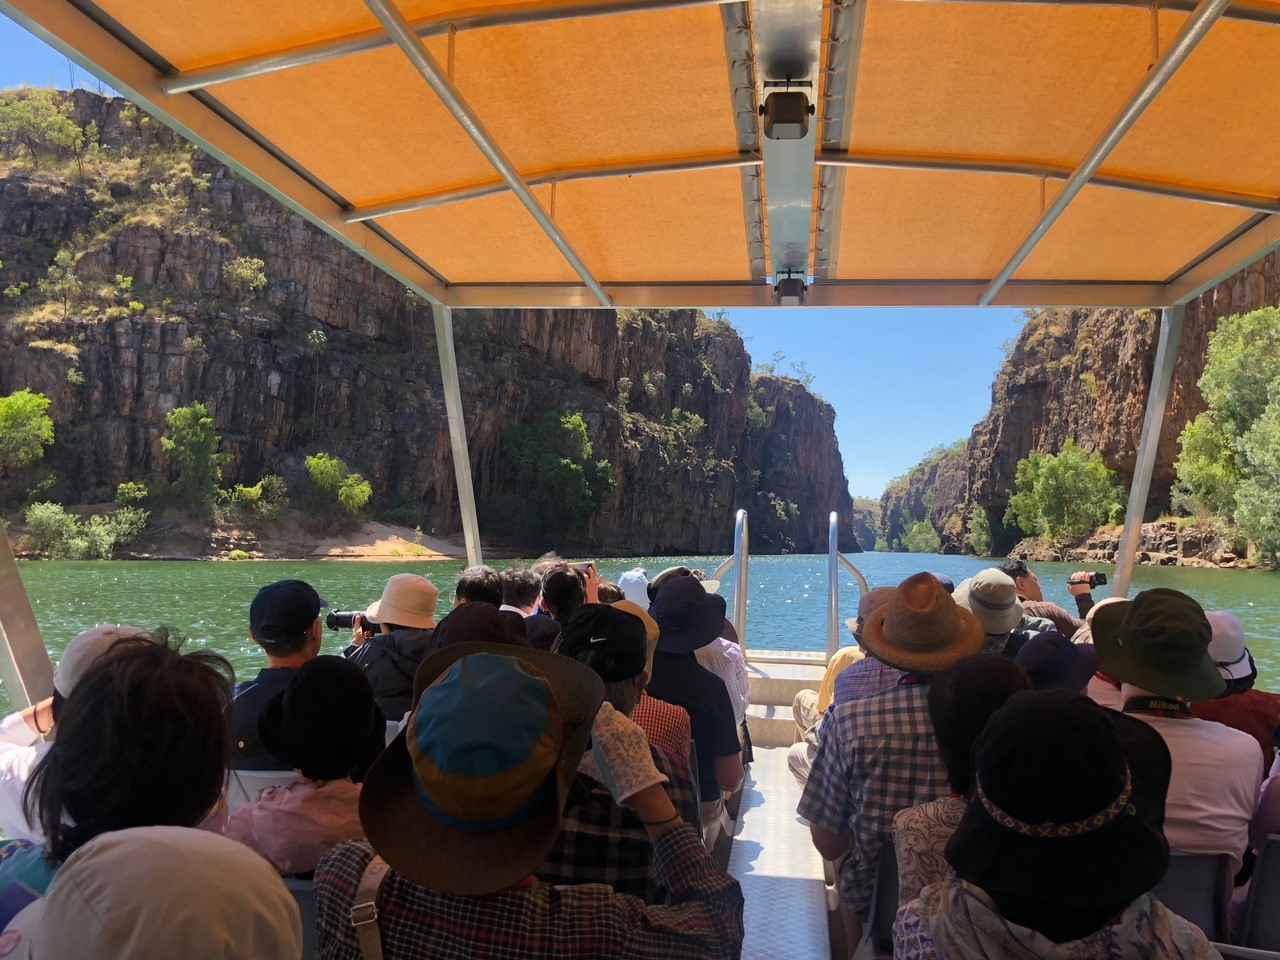 画像: ニトミルク国立公園にて断崖絶壁が美しいキャサリン渓谷クルーズへご案内!